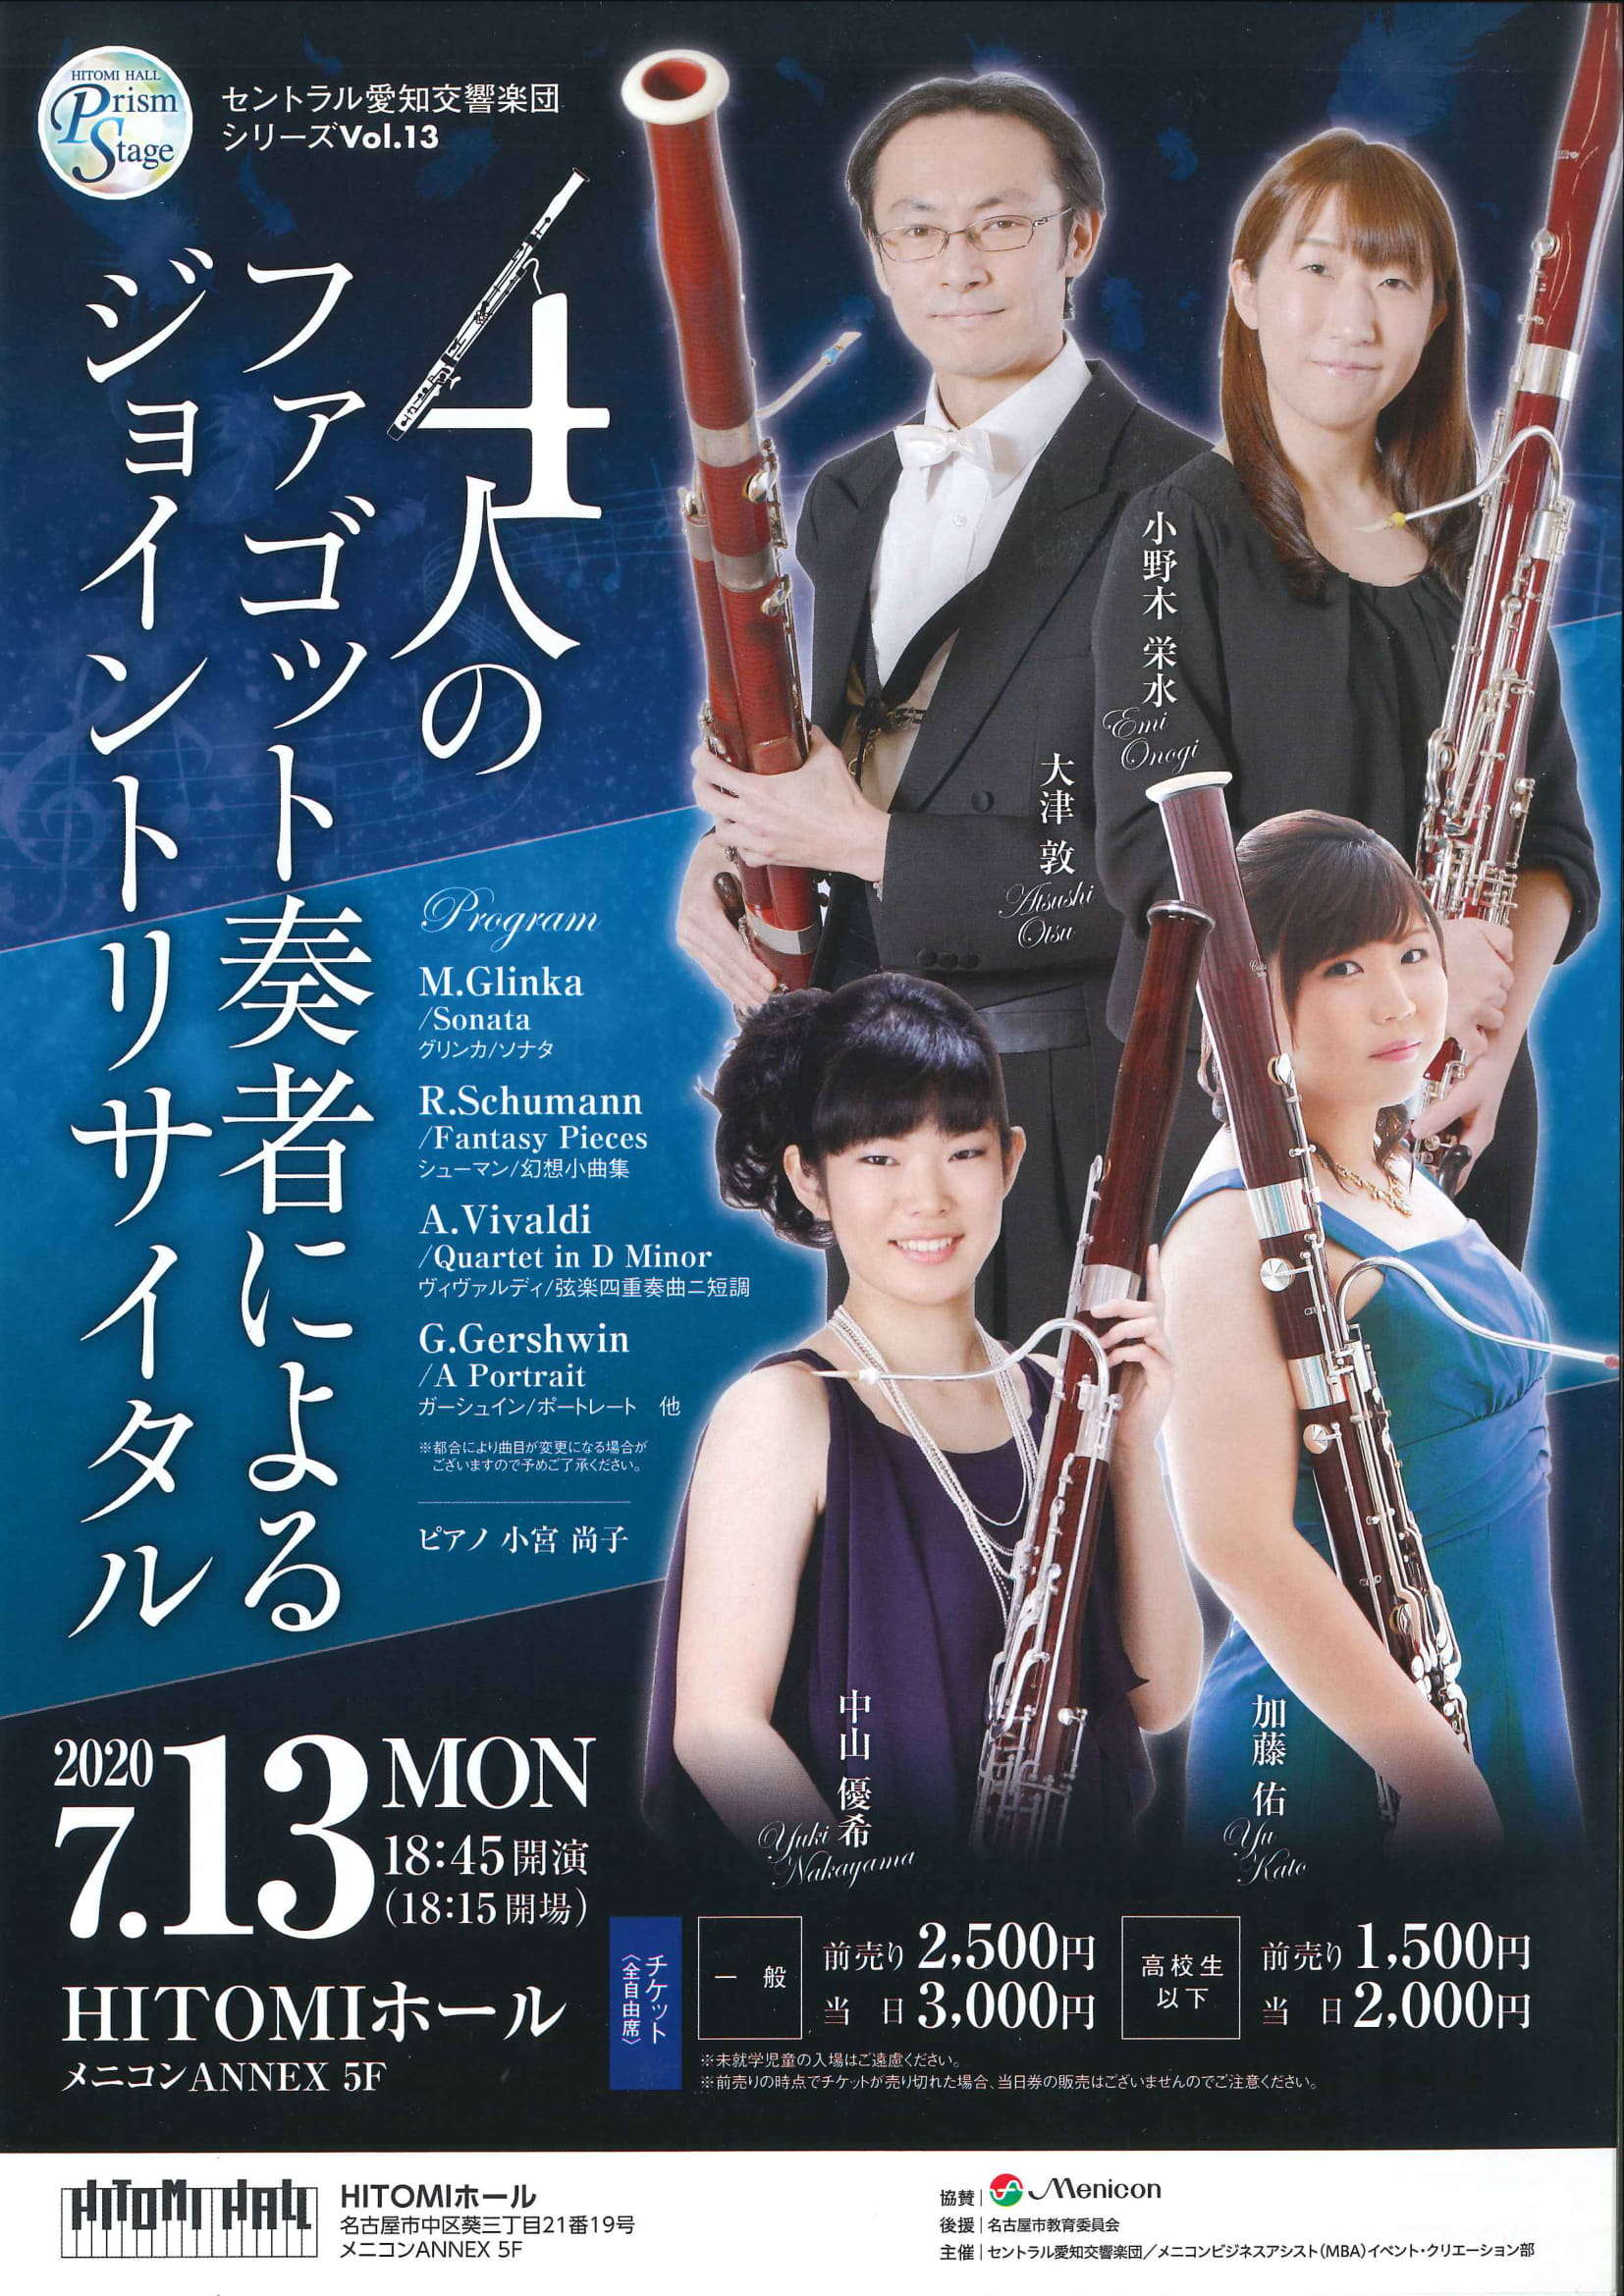 HITOMIホールプリズムステージ セントラル愛知交響楽団シリーズVol.13『4人のファゴット奏者によるジョイントリサイタル』